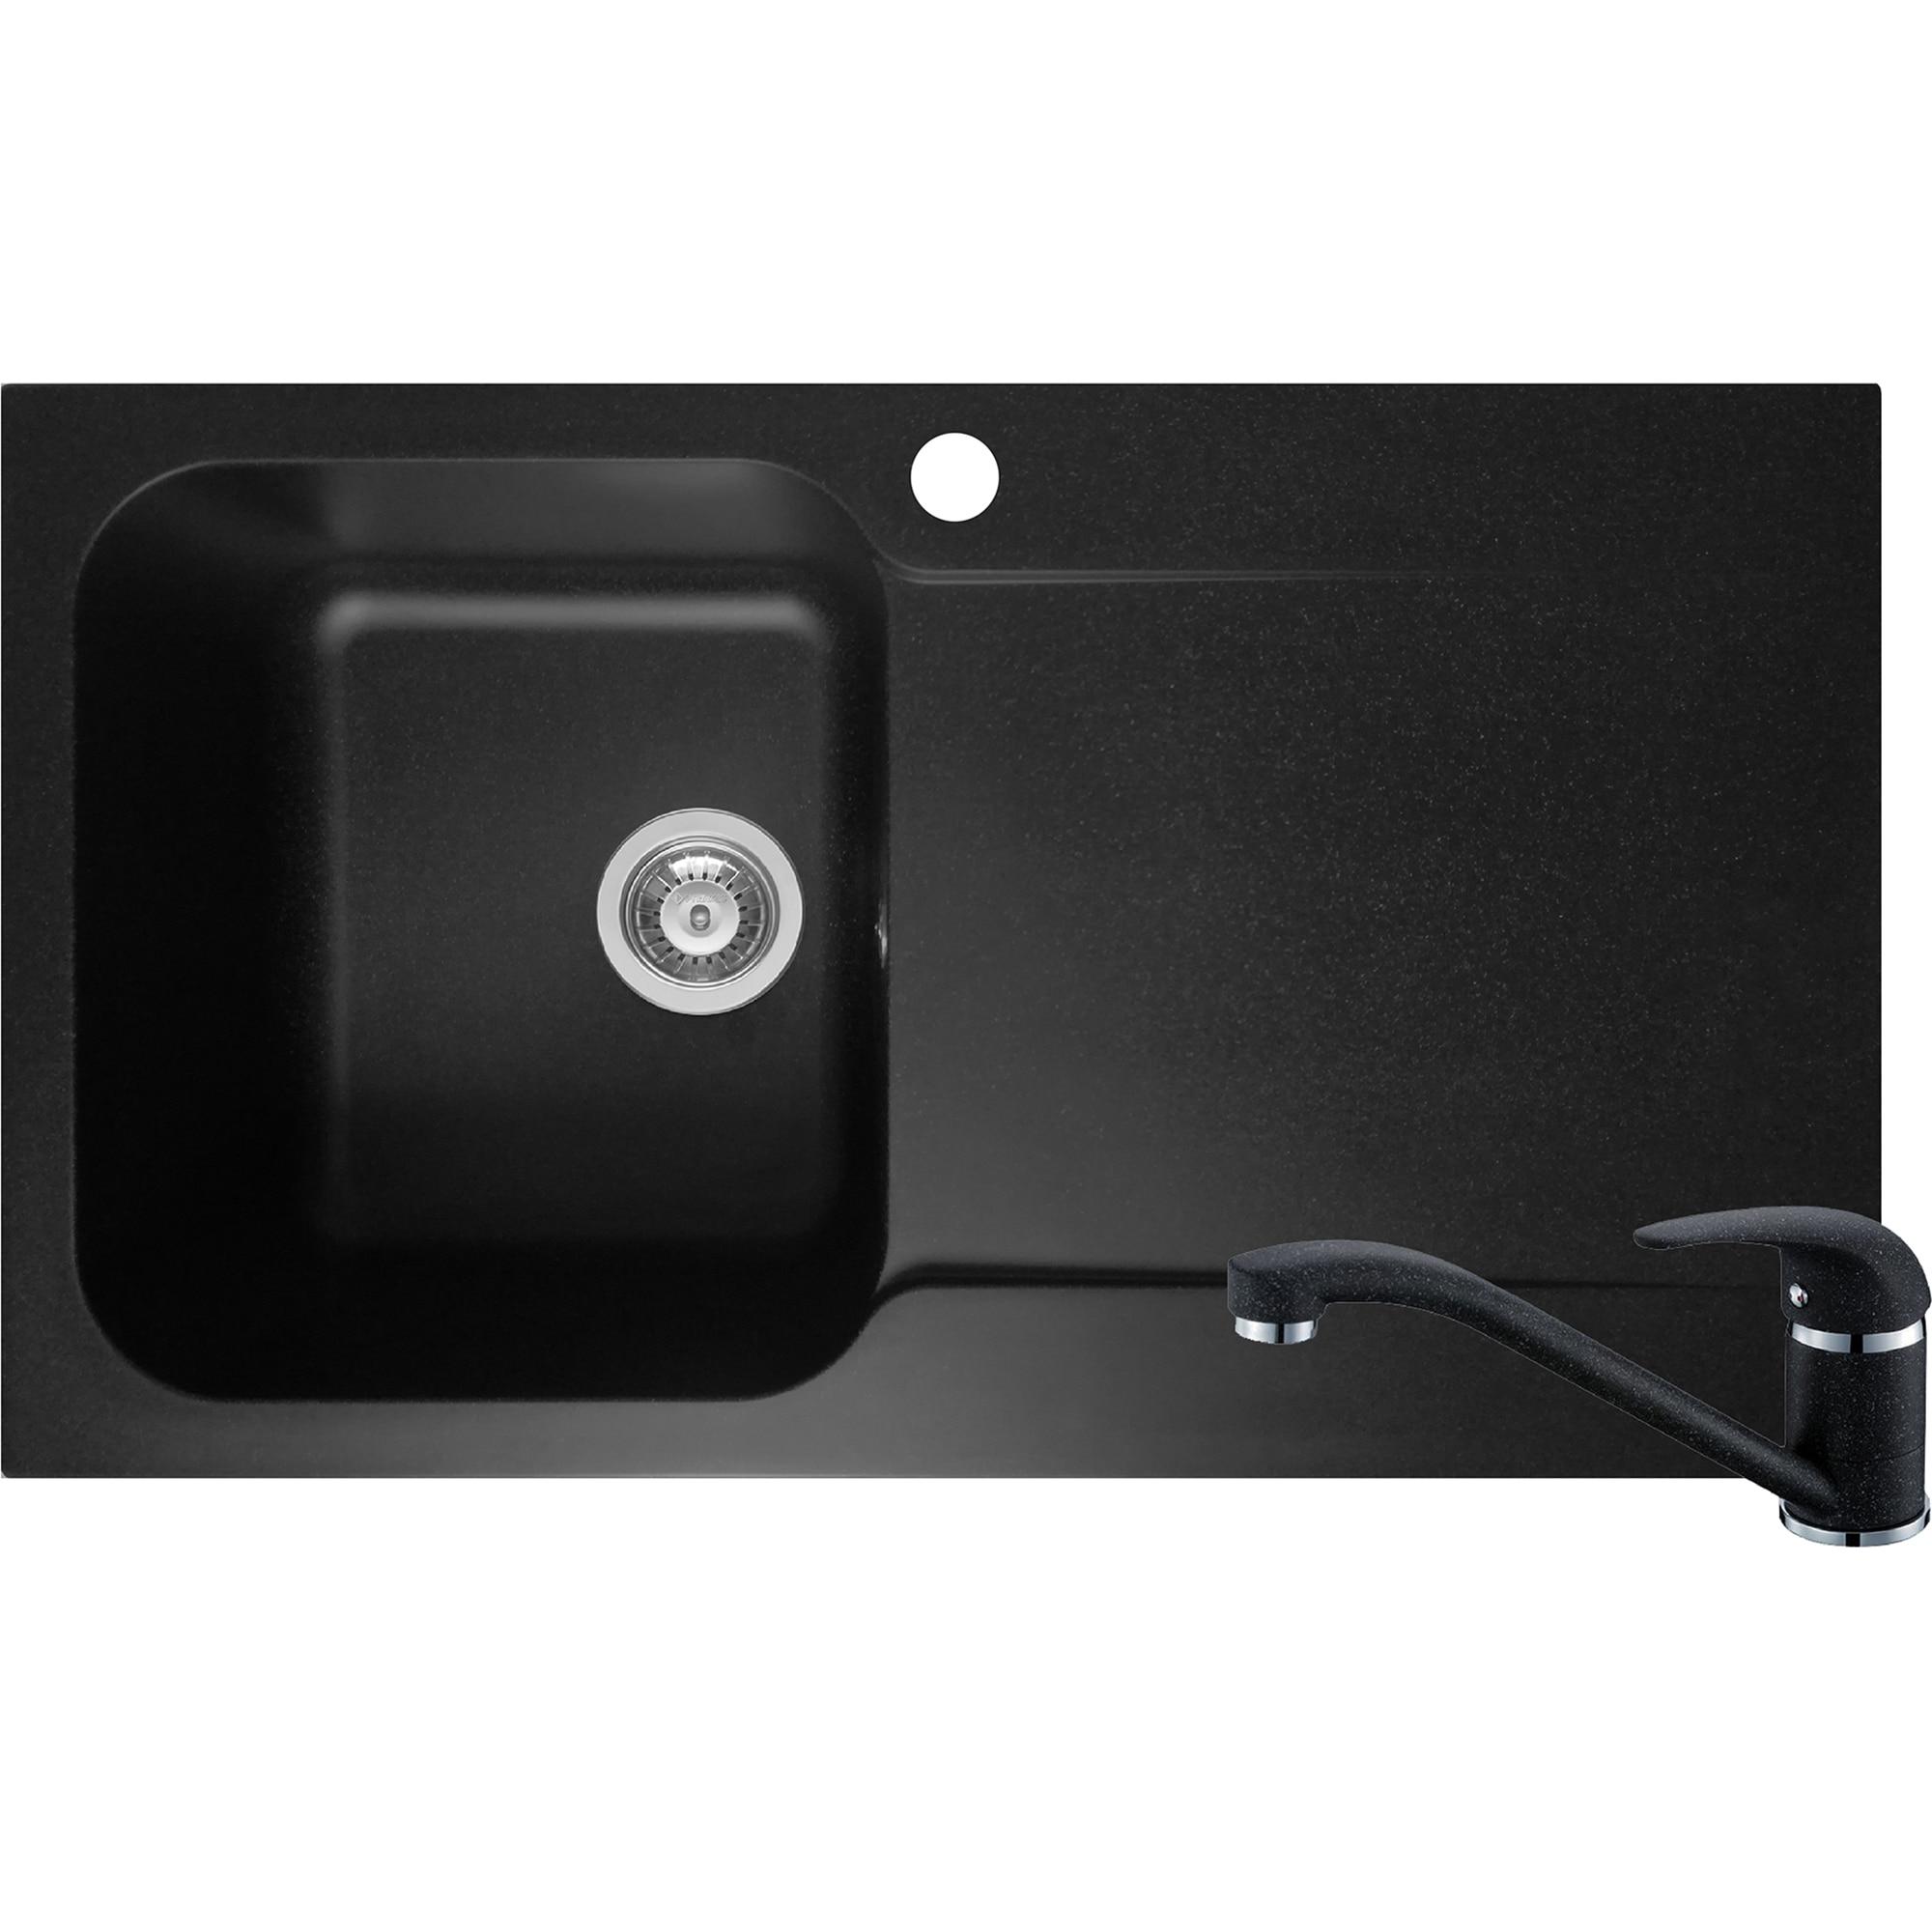 Fotografie Pachet chiuveta soft composite + baterie bucatarie Pyramis Level Artithek, cuva stanga, 860x500 mm, adancime 210mm, Negru